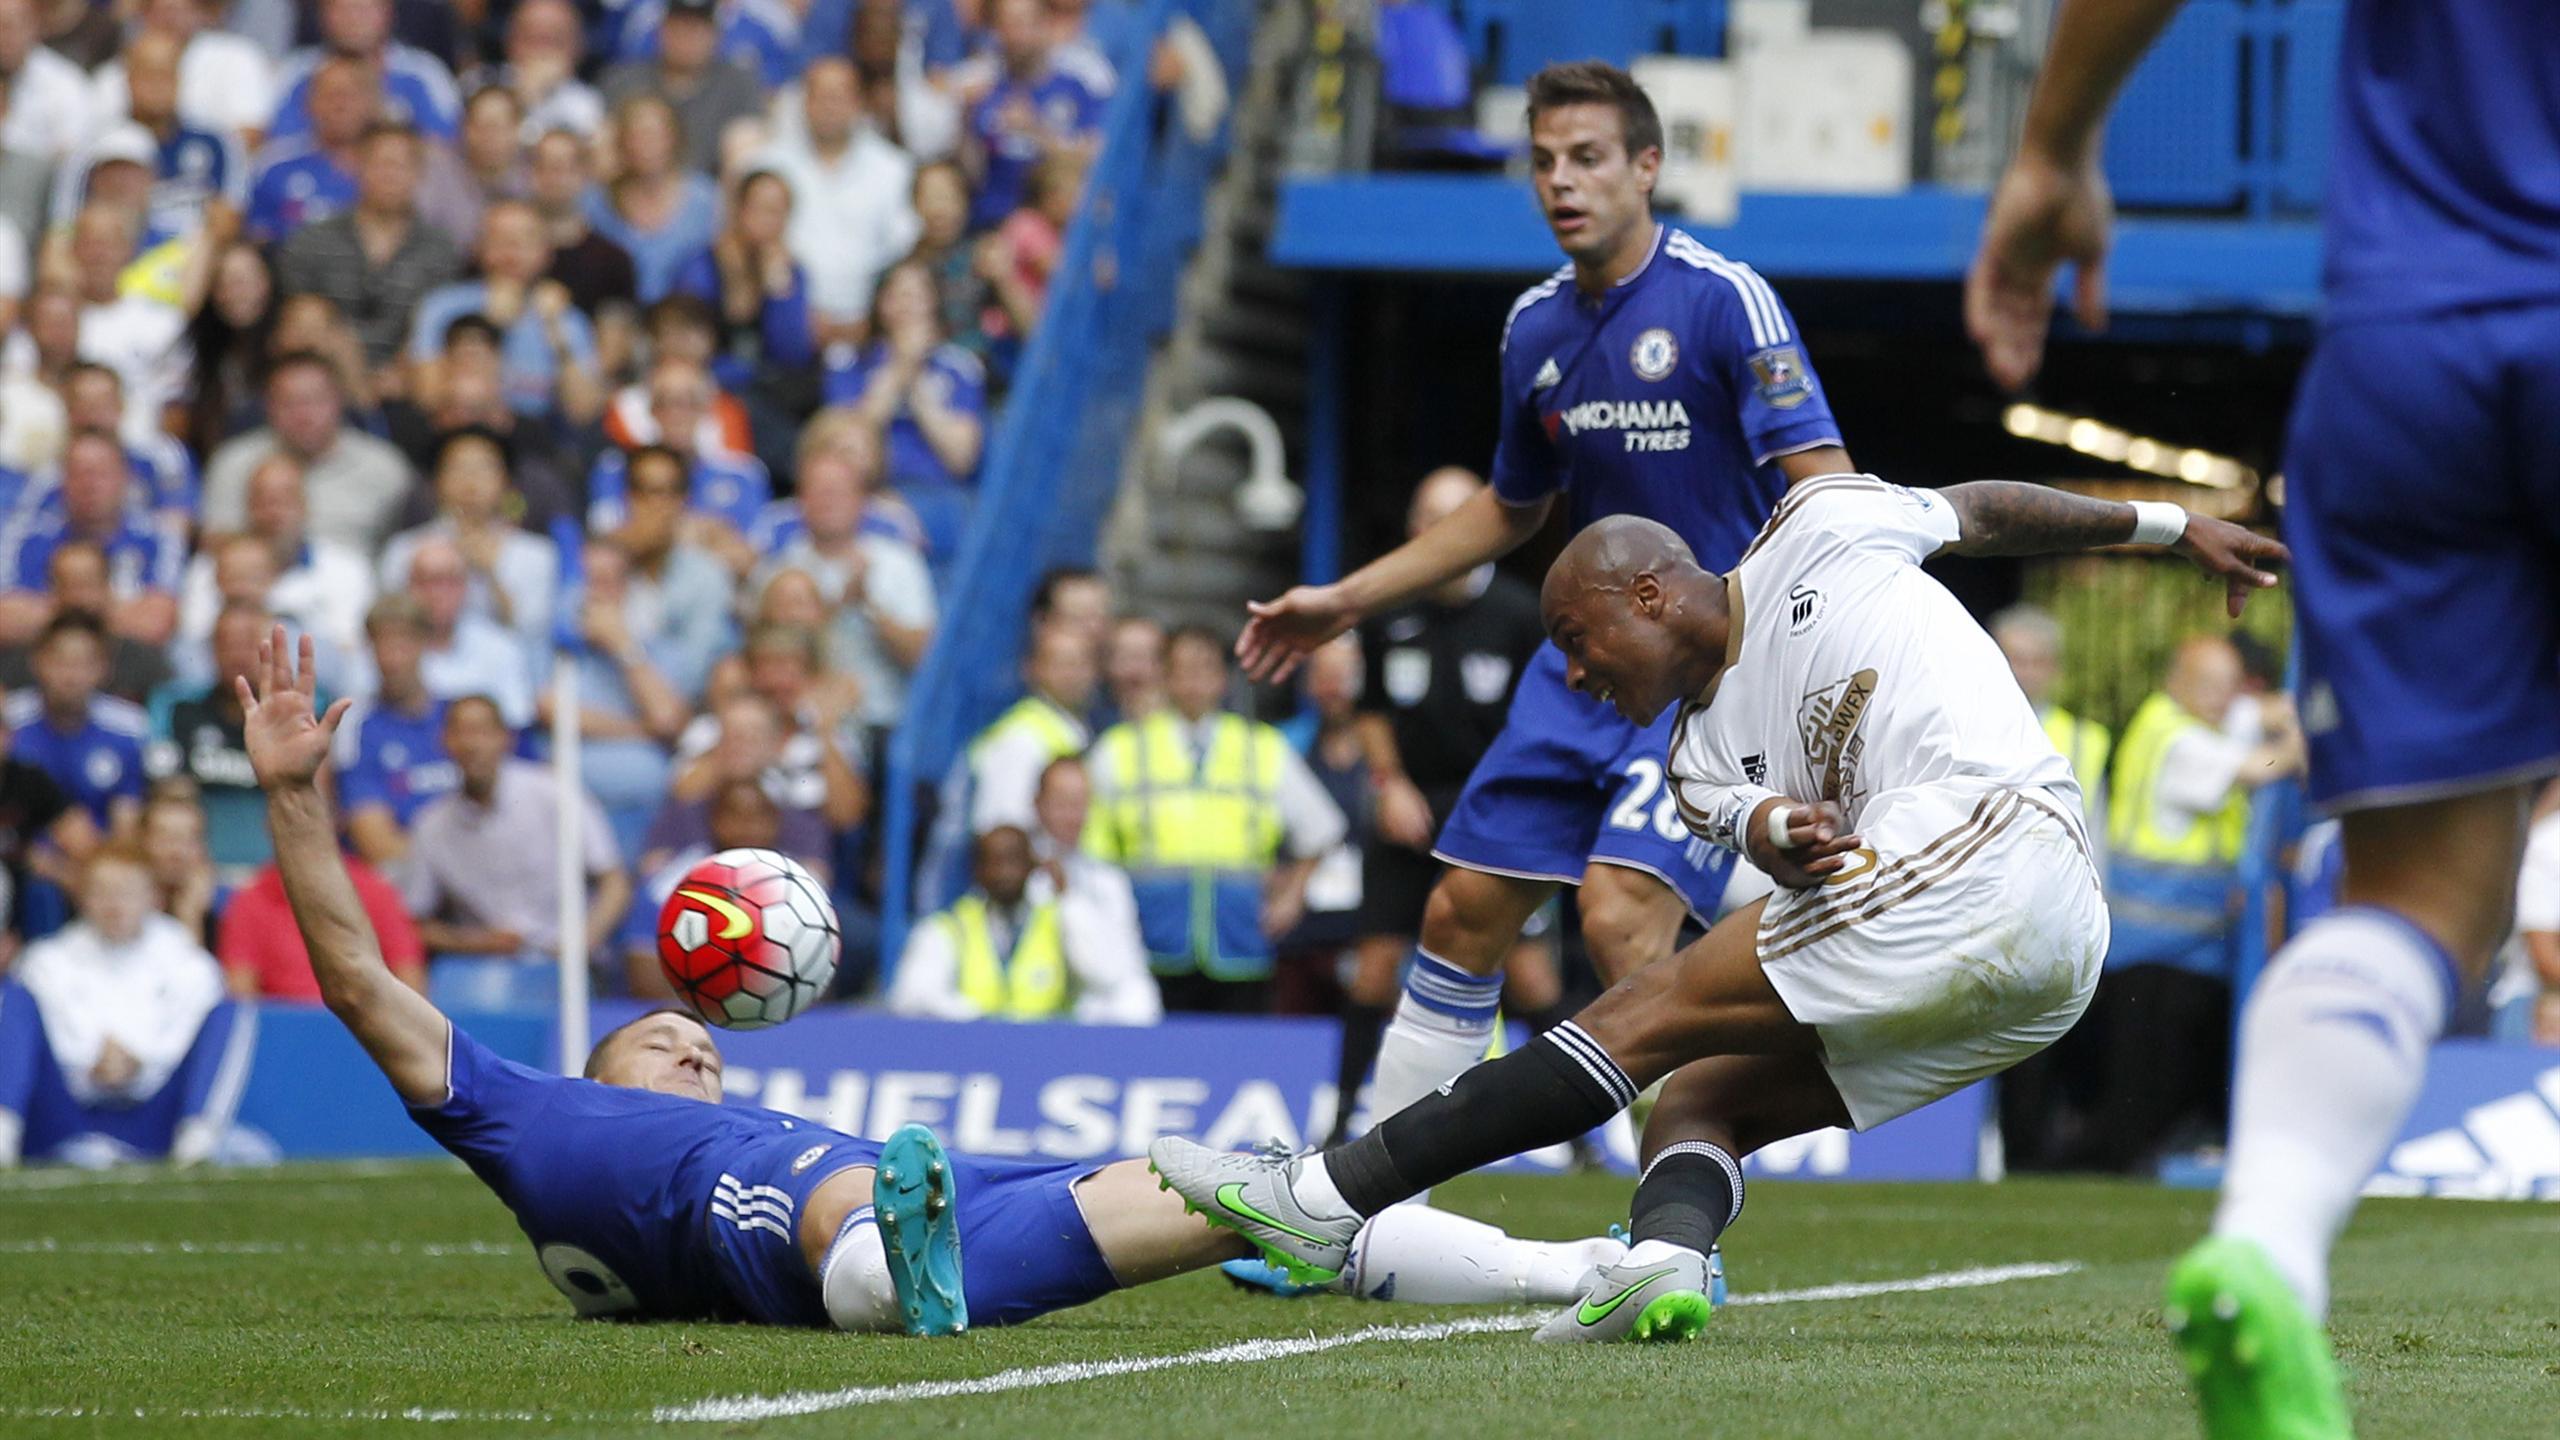 Andre Ayew (Swansea) fait la différence face à la défense de Chelsea